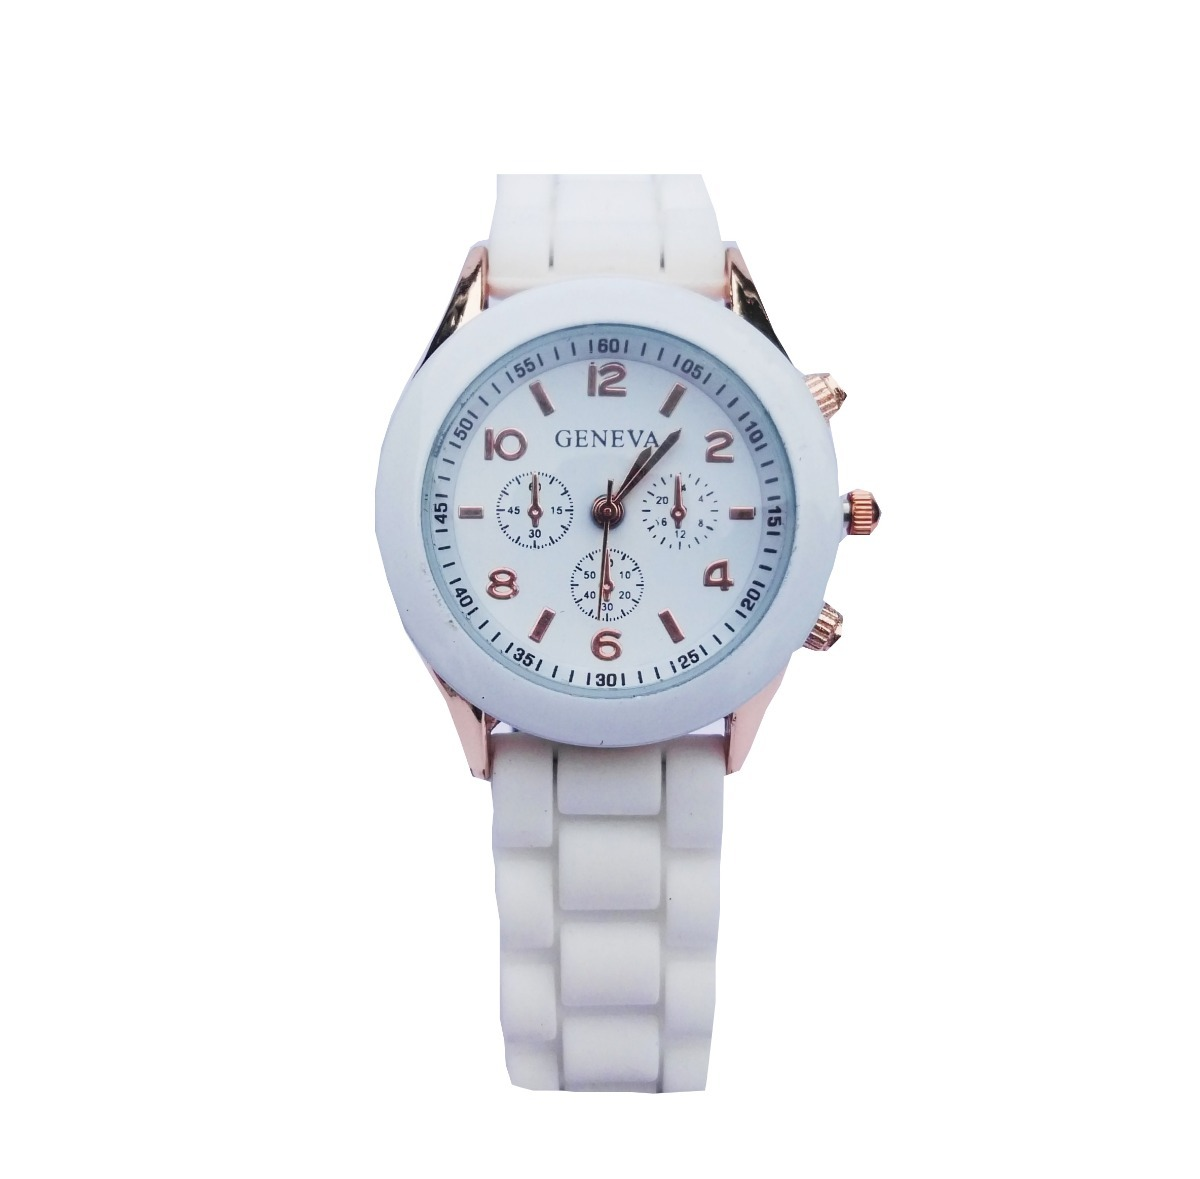 d51d24d89220 reloj mujer malla silicona detalles en dorado color blanco. Cargando zoom.